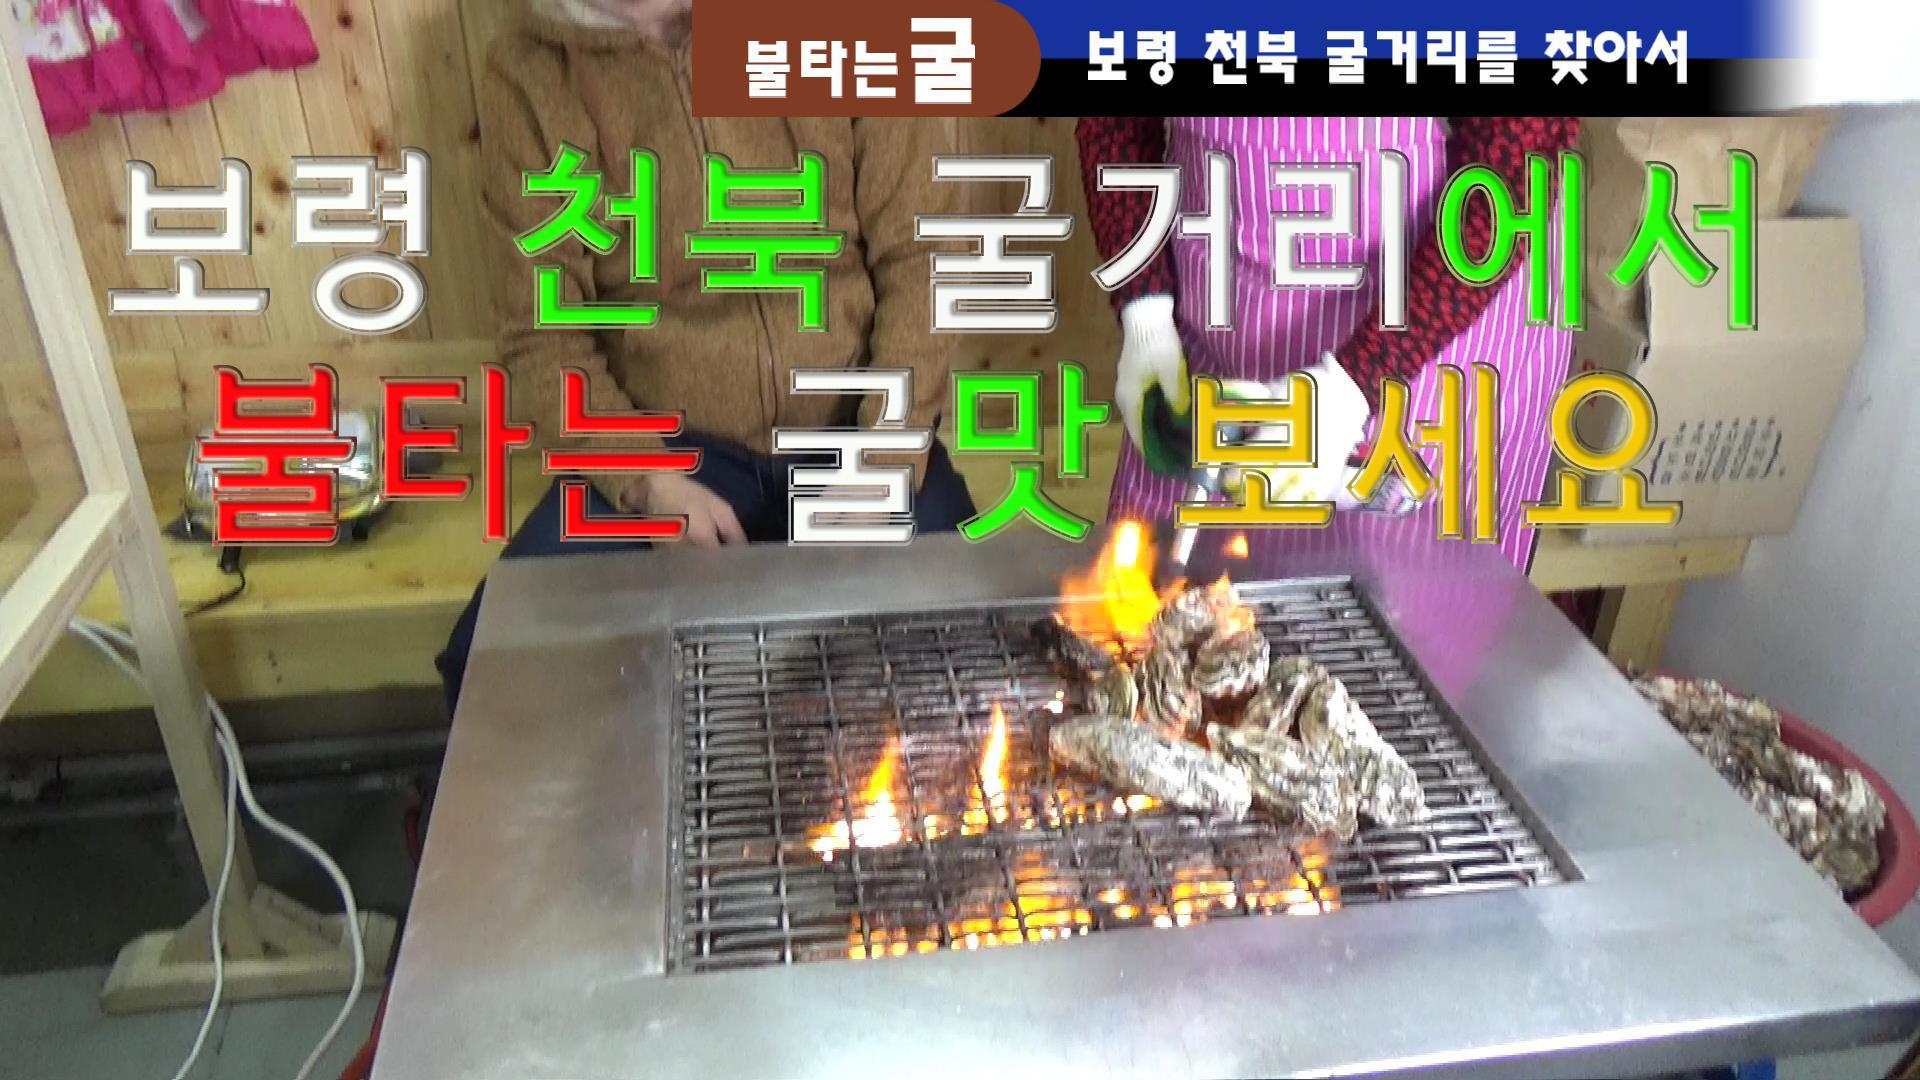 배우 박영록씨와 함께한 굴구이 먹방